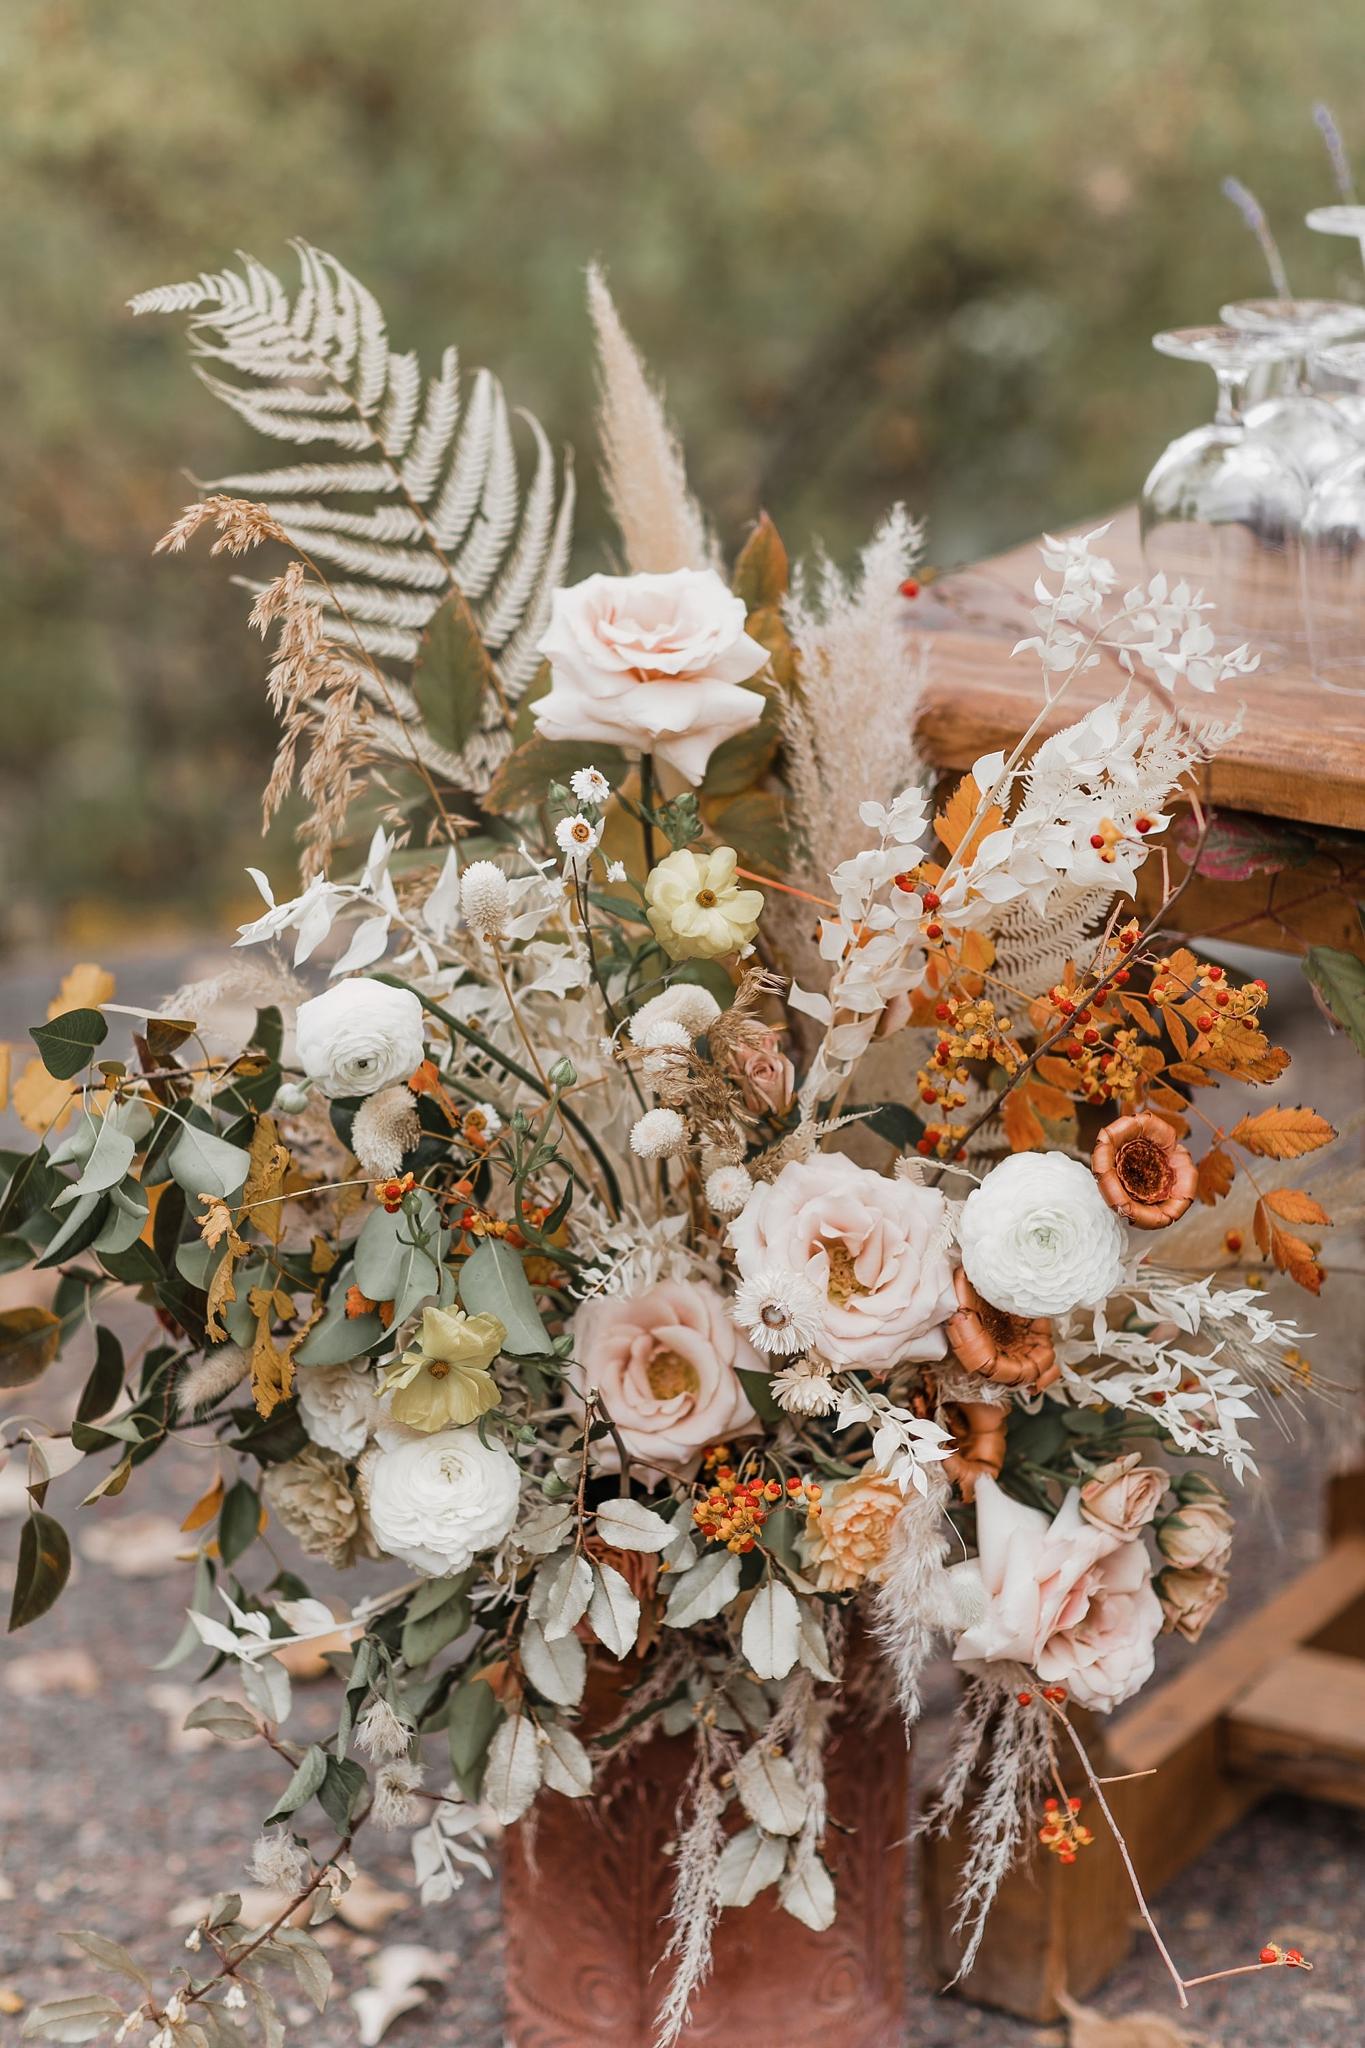 Alicia+lucia+photography+-+albuquerque+wedding+photographer+-+santa+fe+wedding+photography+-+new+mexico+wedding+photographer+-+new+mexico+wedding+-+new+mexico+florist+-+floriography+flowers+-+floriography+flowers+new+mexico+-+wedding+florist_0025.jpg